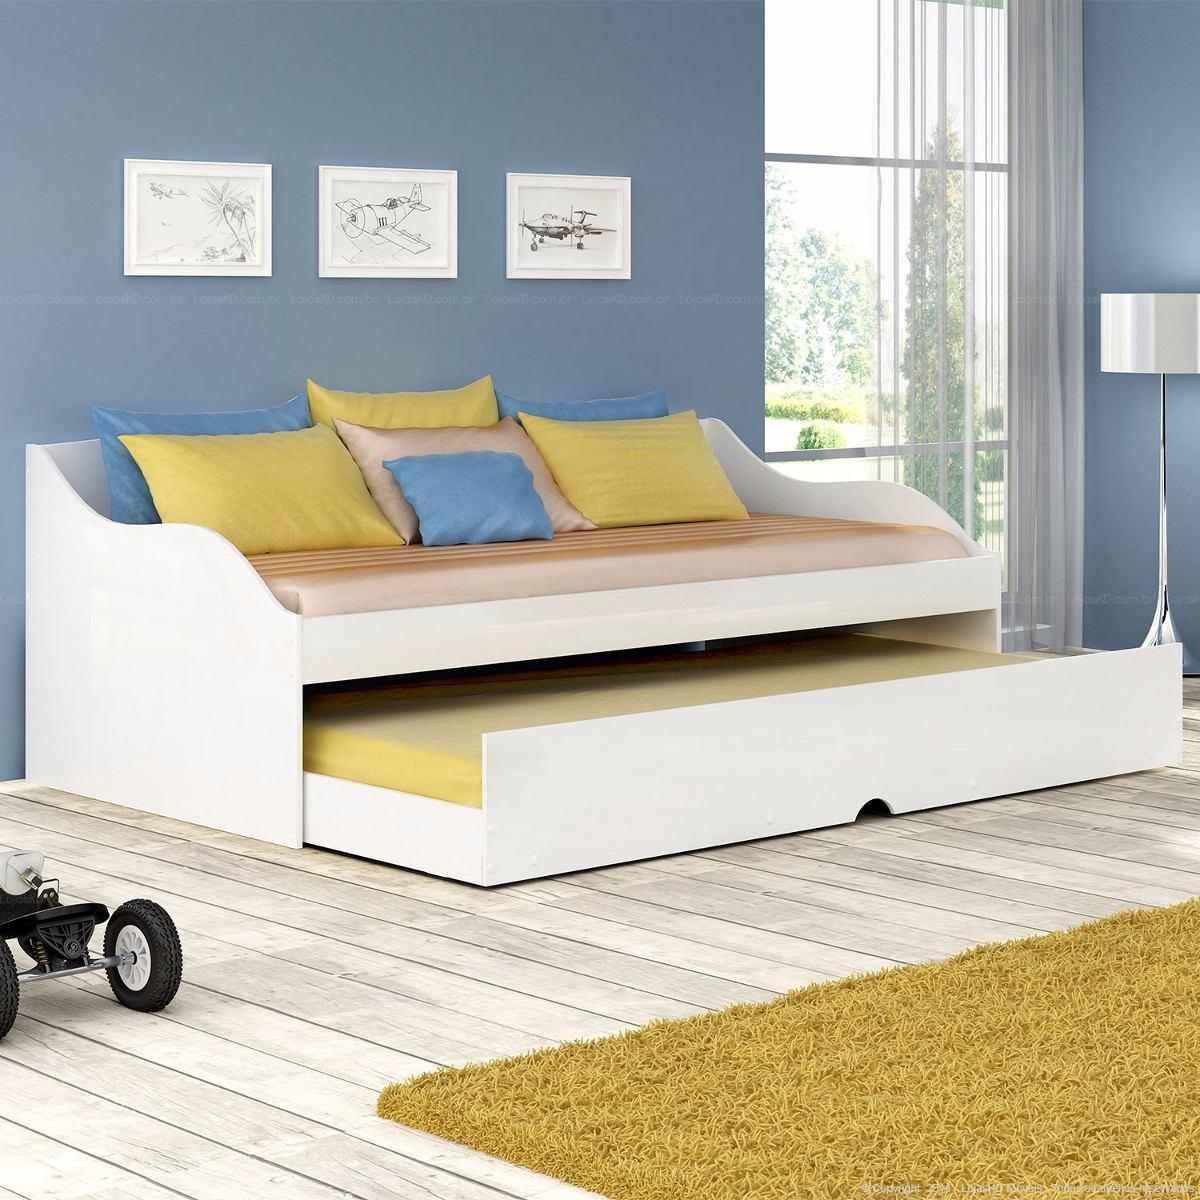 Bicama baba estilo sofa solteiro lais branco sem colch o for Sofa que vira beliche onde comprar